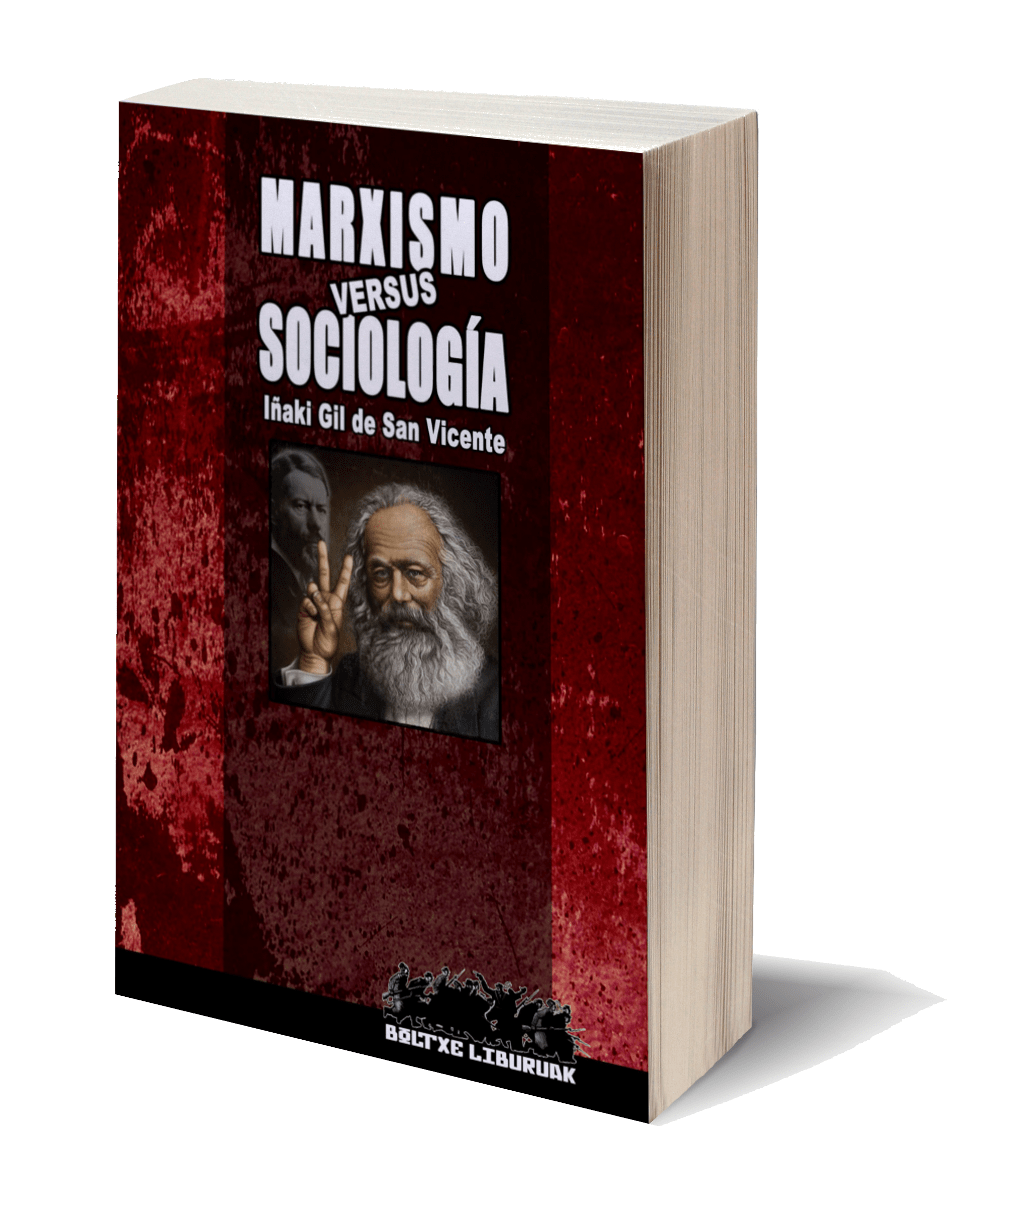 Marxismo versus sociología